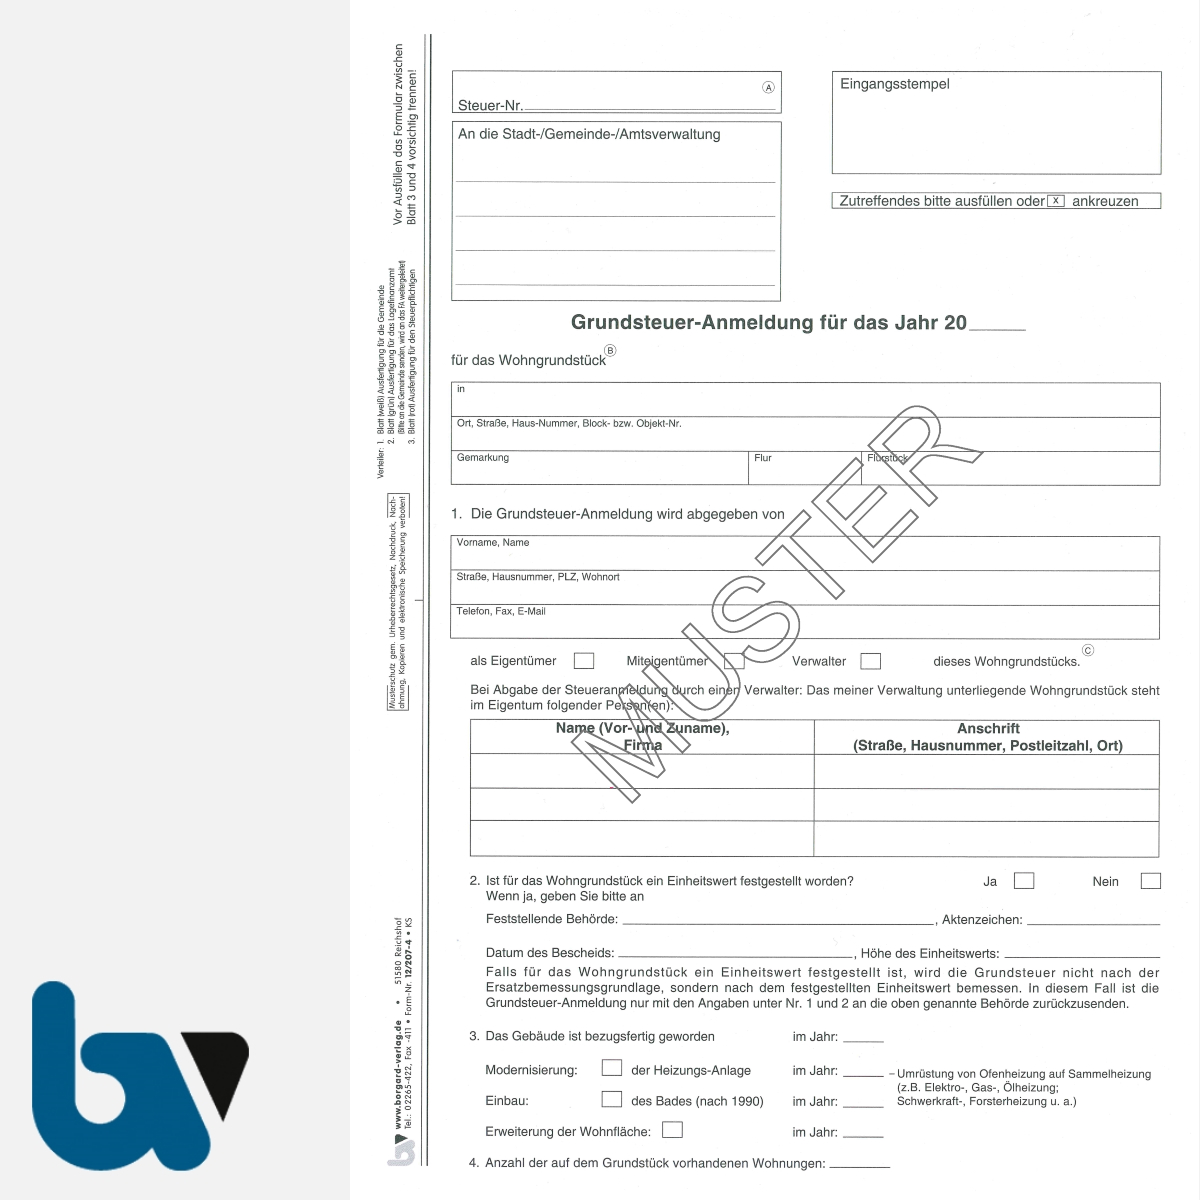 12/207-4 Grundsteuer Anmeldung Berechnung Entrichtung ohne Einzugsermächtigung Erläuterungen Hinweise 3-fach selbstdurchschreibend DIN A4 Seite 1 | Borgard Verlag GmbH